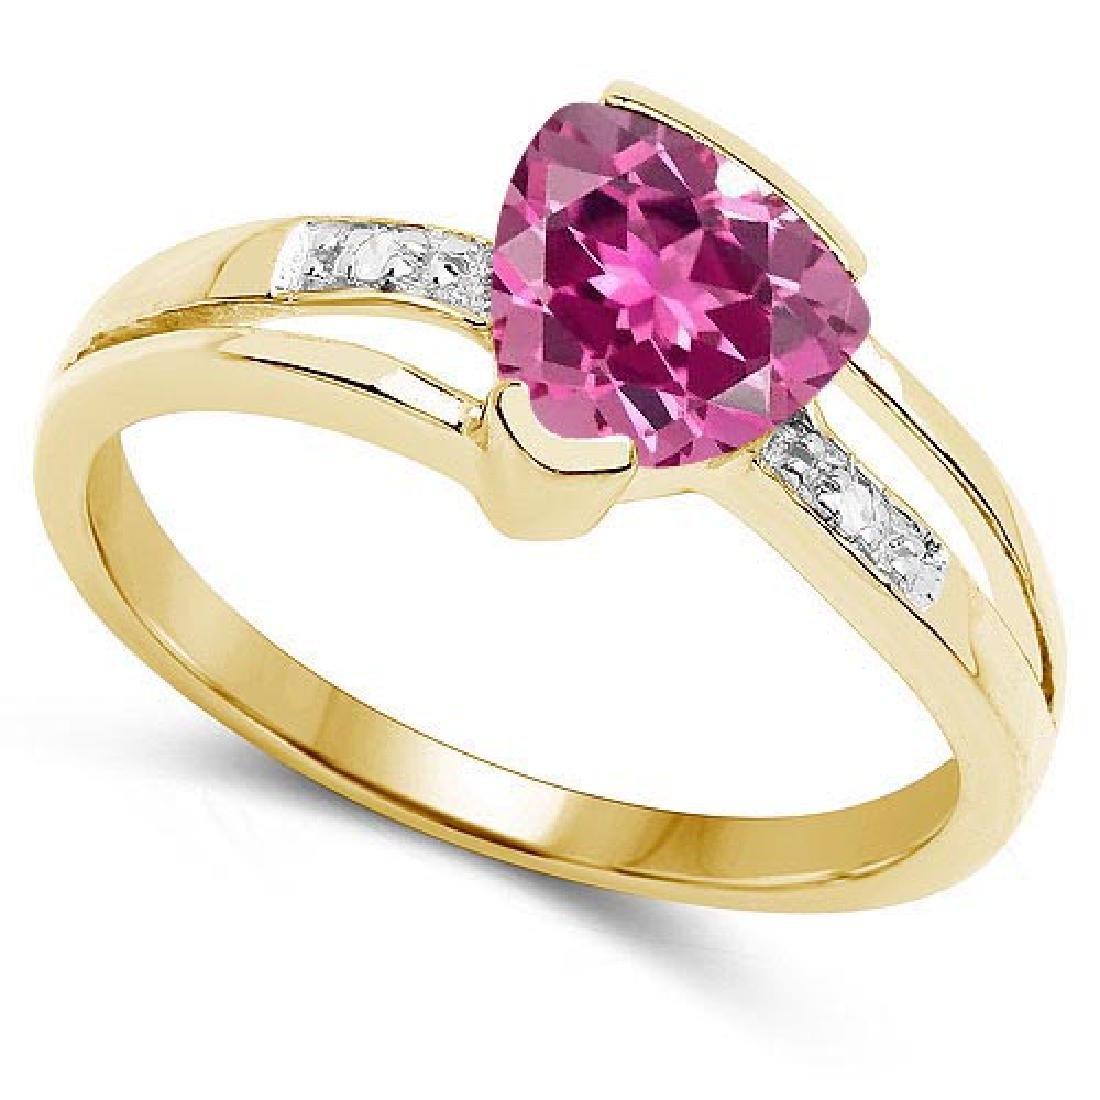 Certified 2.18 CTW Genuine Pink Touramline And Diamond